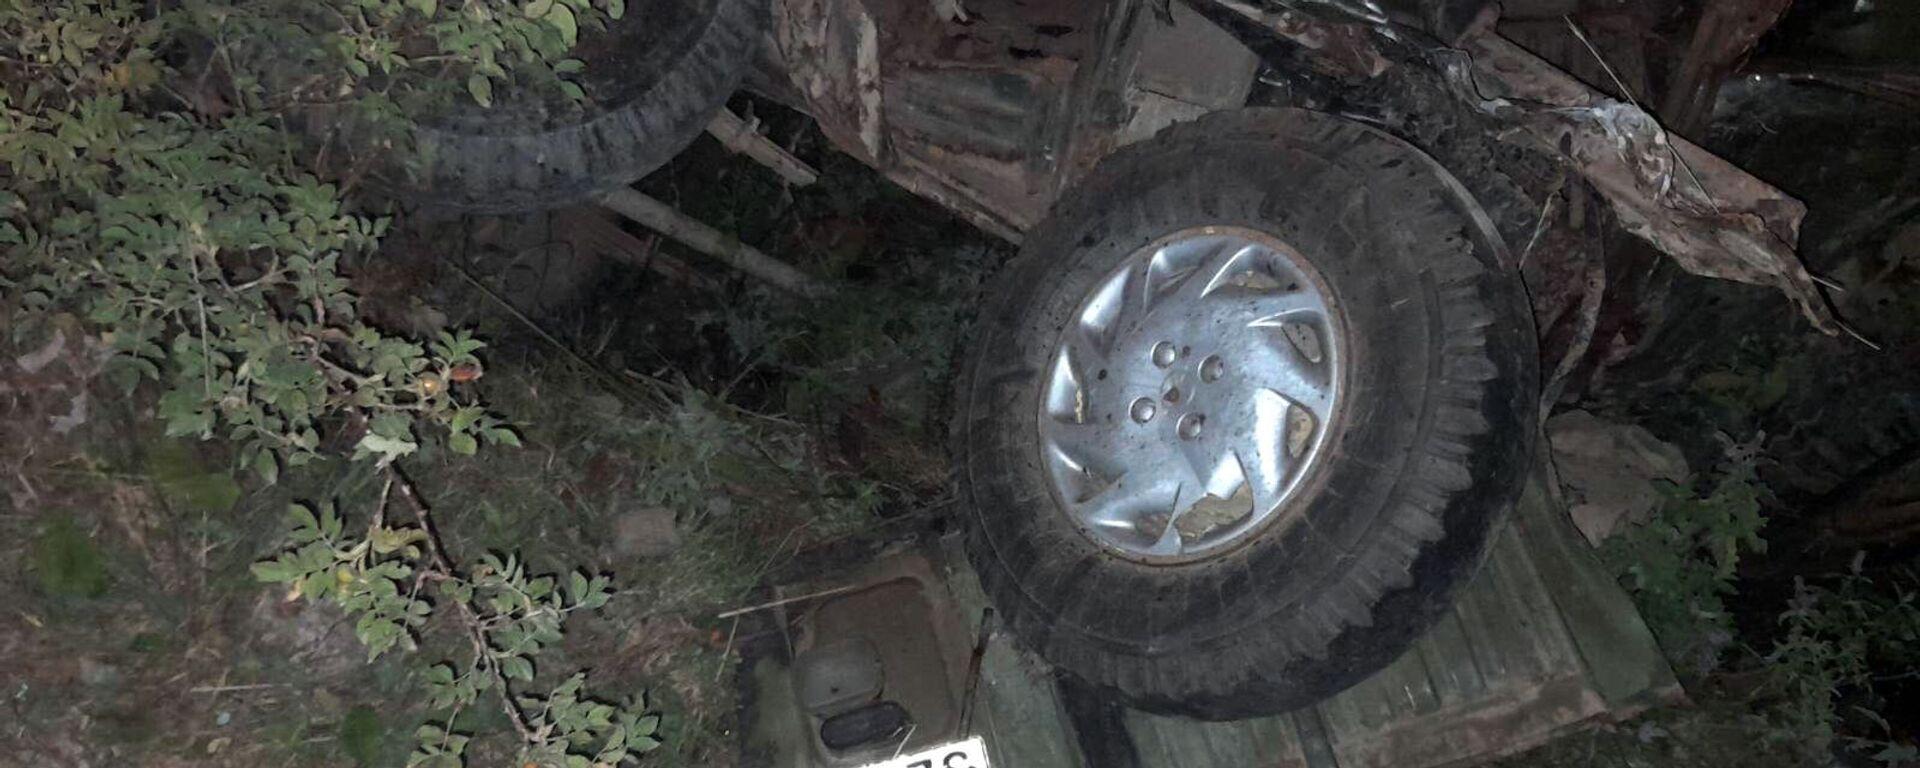 Дорожно-транспортное происшествие в Тавушской области - Sputnik Армения, 1920, 16.09.2021